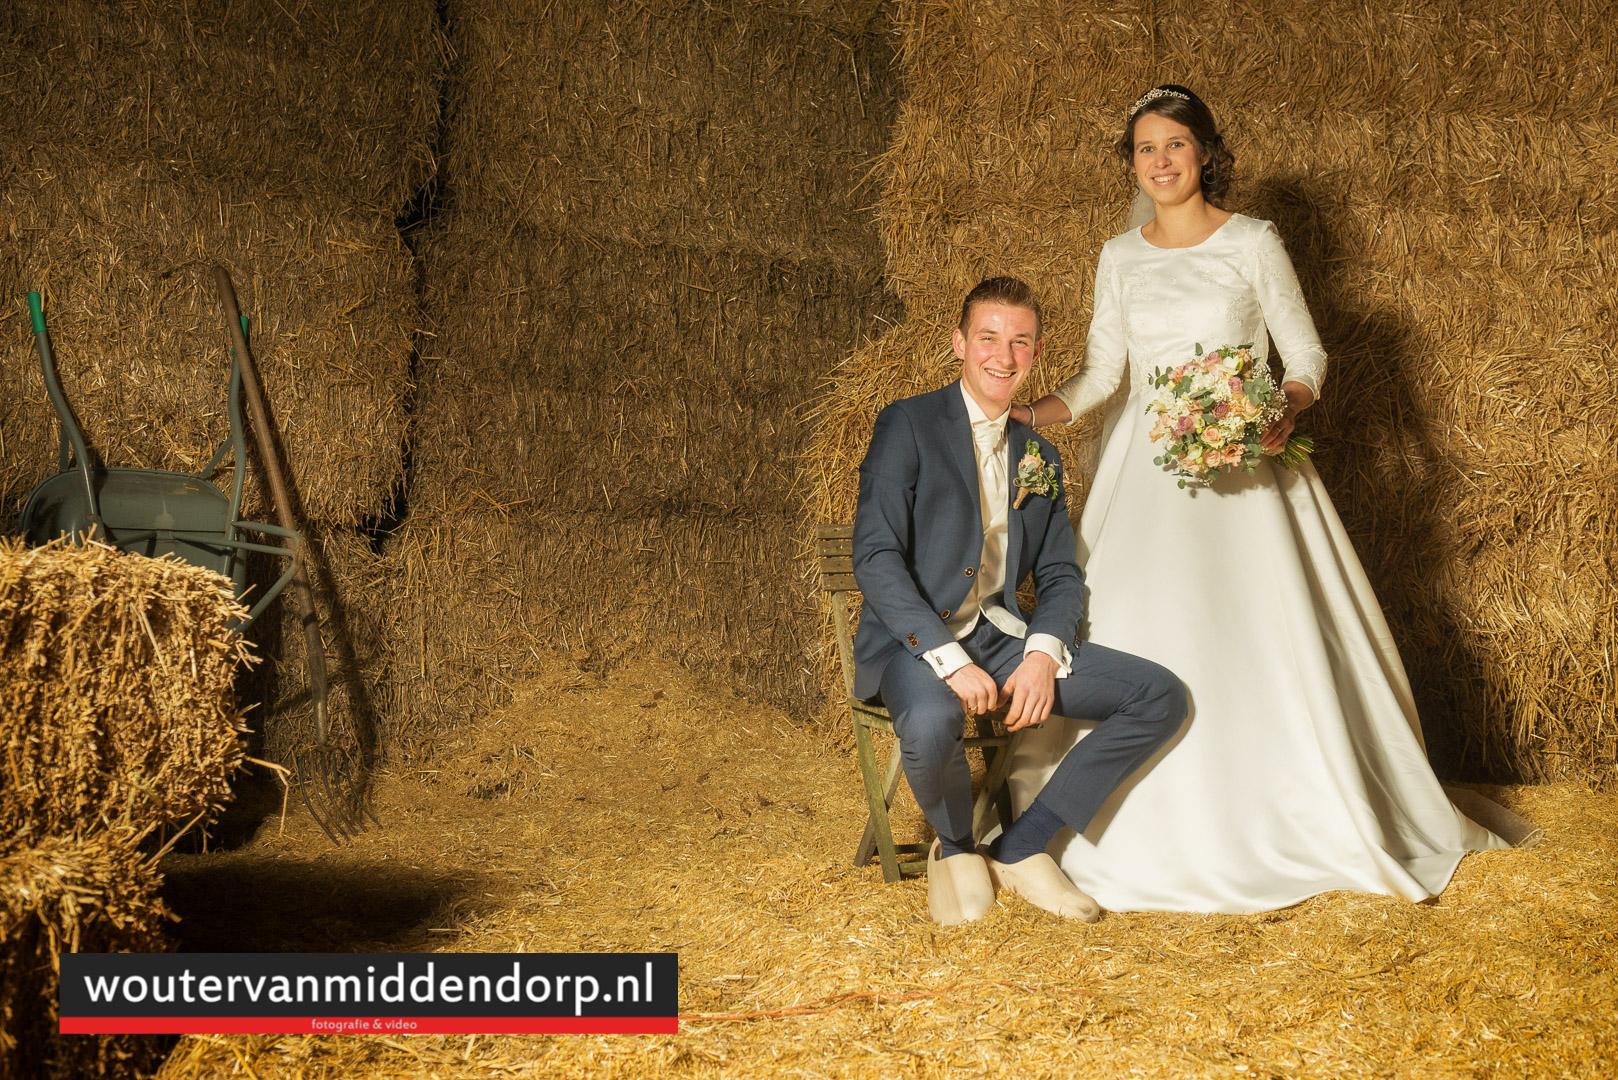 foto Wouter van Middendorp Uddel, Veluwe, Gelderland, trouwfotograaf (14)